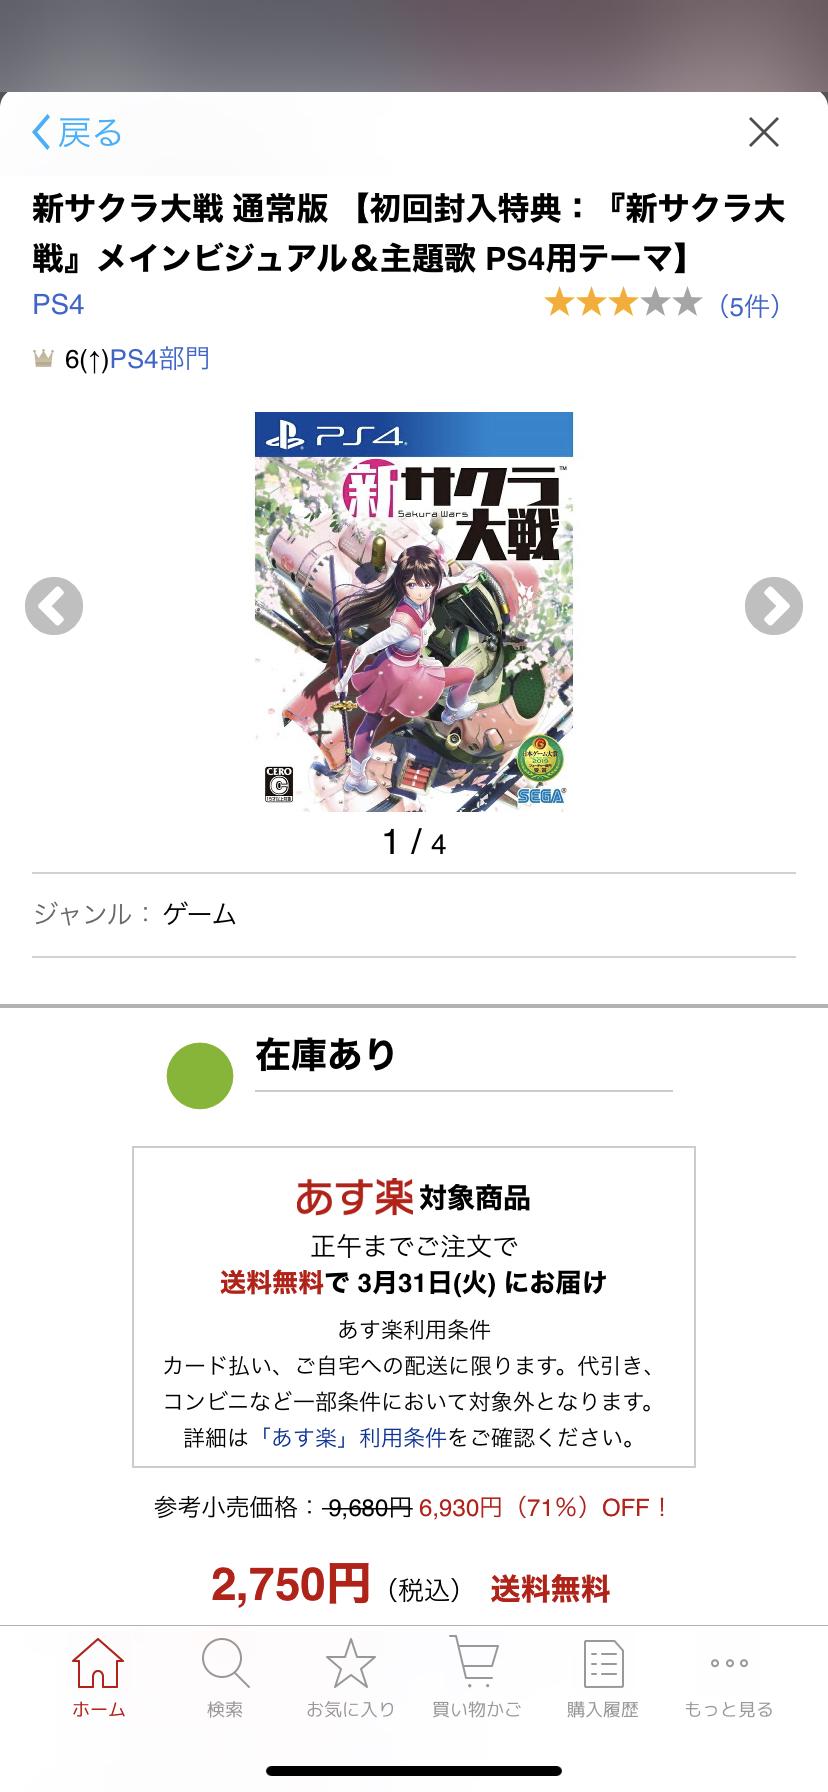 fVvEF9U - 【悲報】PS4「新サクラ大戦」、定価から71%オフ、新品2750円まで値崩れ!!!!